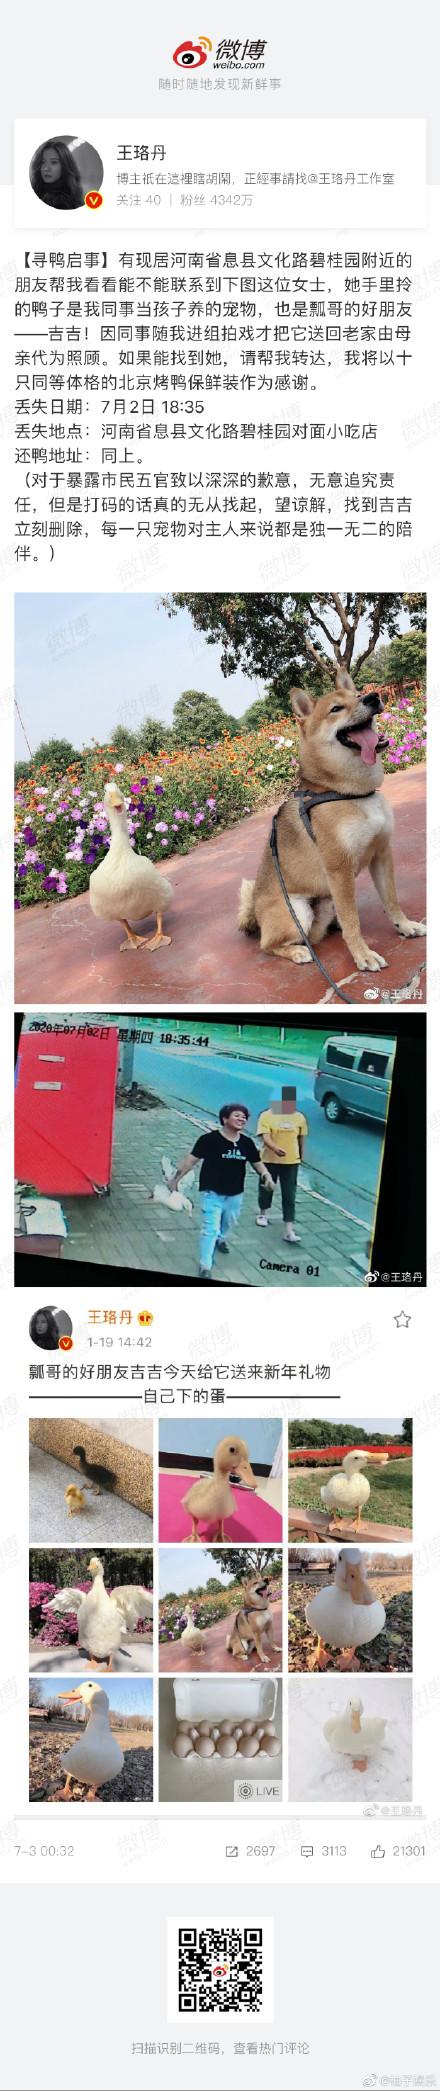 王珞丹发布寻鸭启事,飘哥的好伙伴吉吉被人抓走了